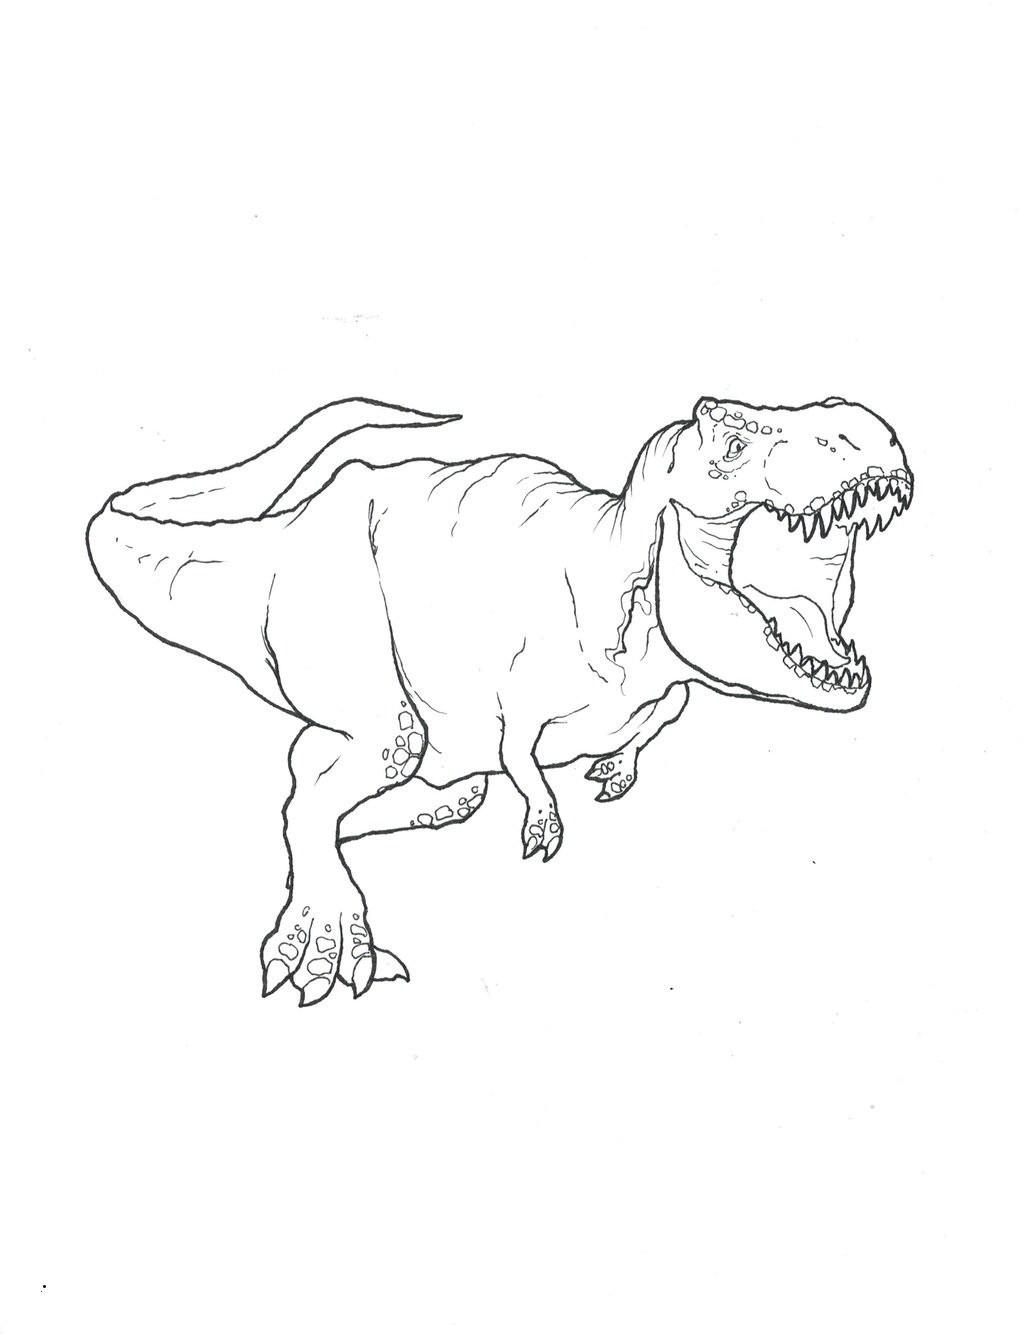 T Rex Zum Ausmalen Einzigartig 44 Idee Ausmalbilder Tyrannosaurus Rex Treehouse Nyc Fotografieren